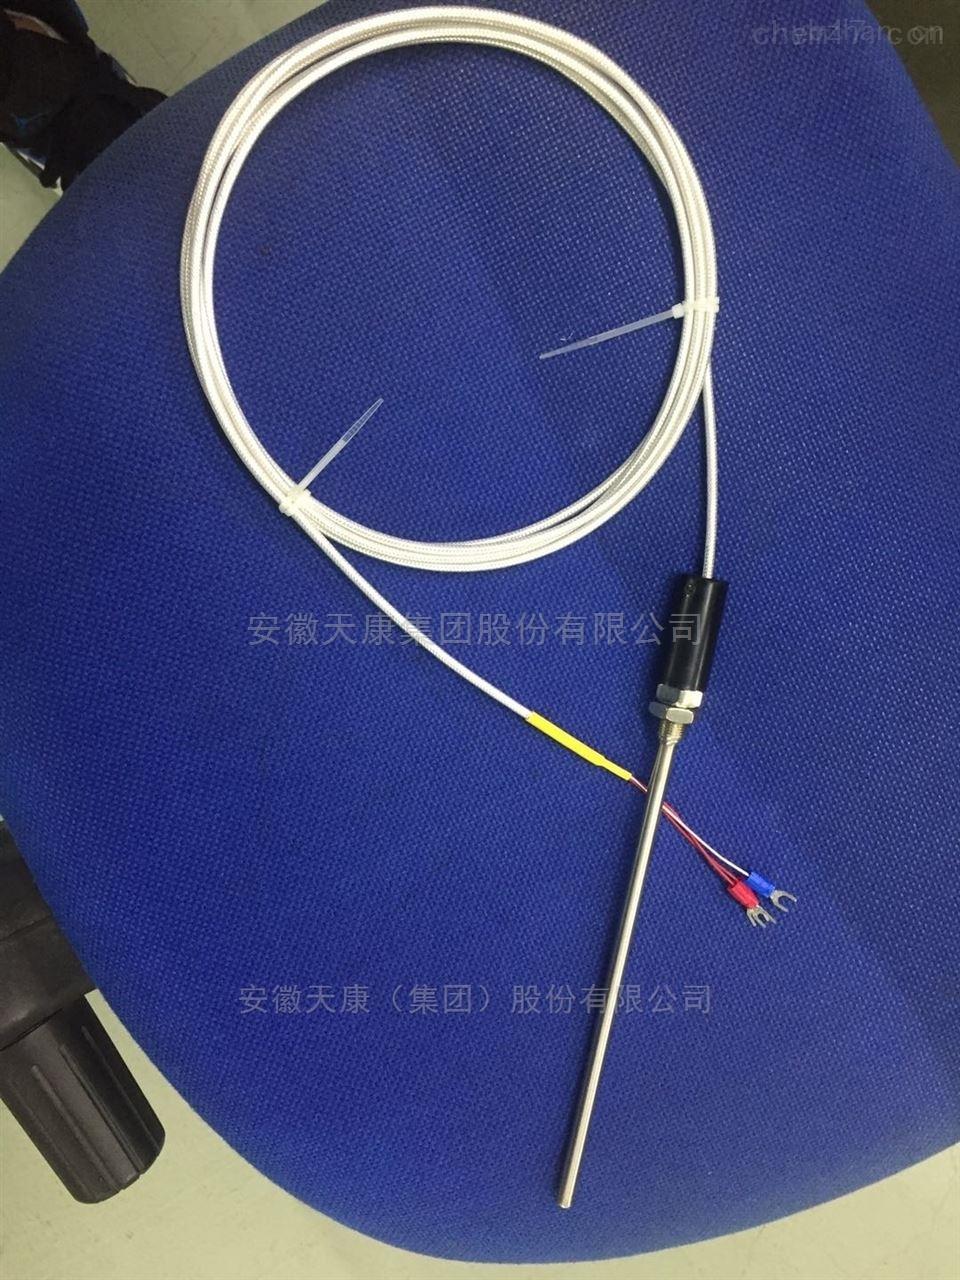 安徽天康wzp-187铂电阻